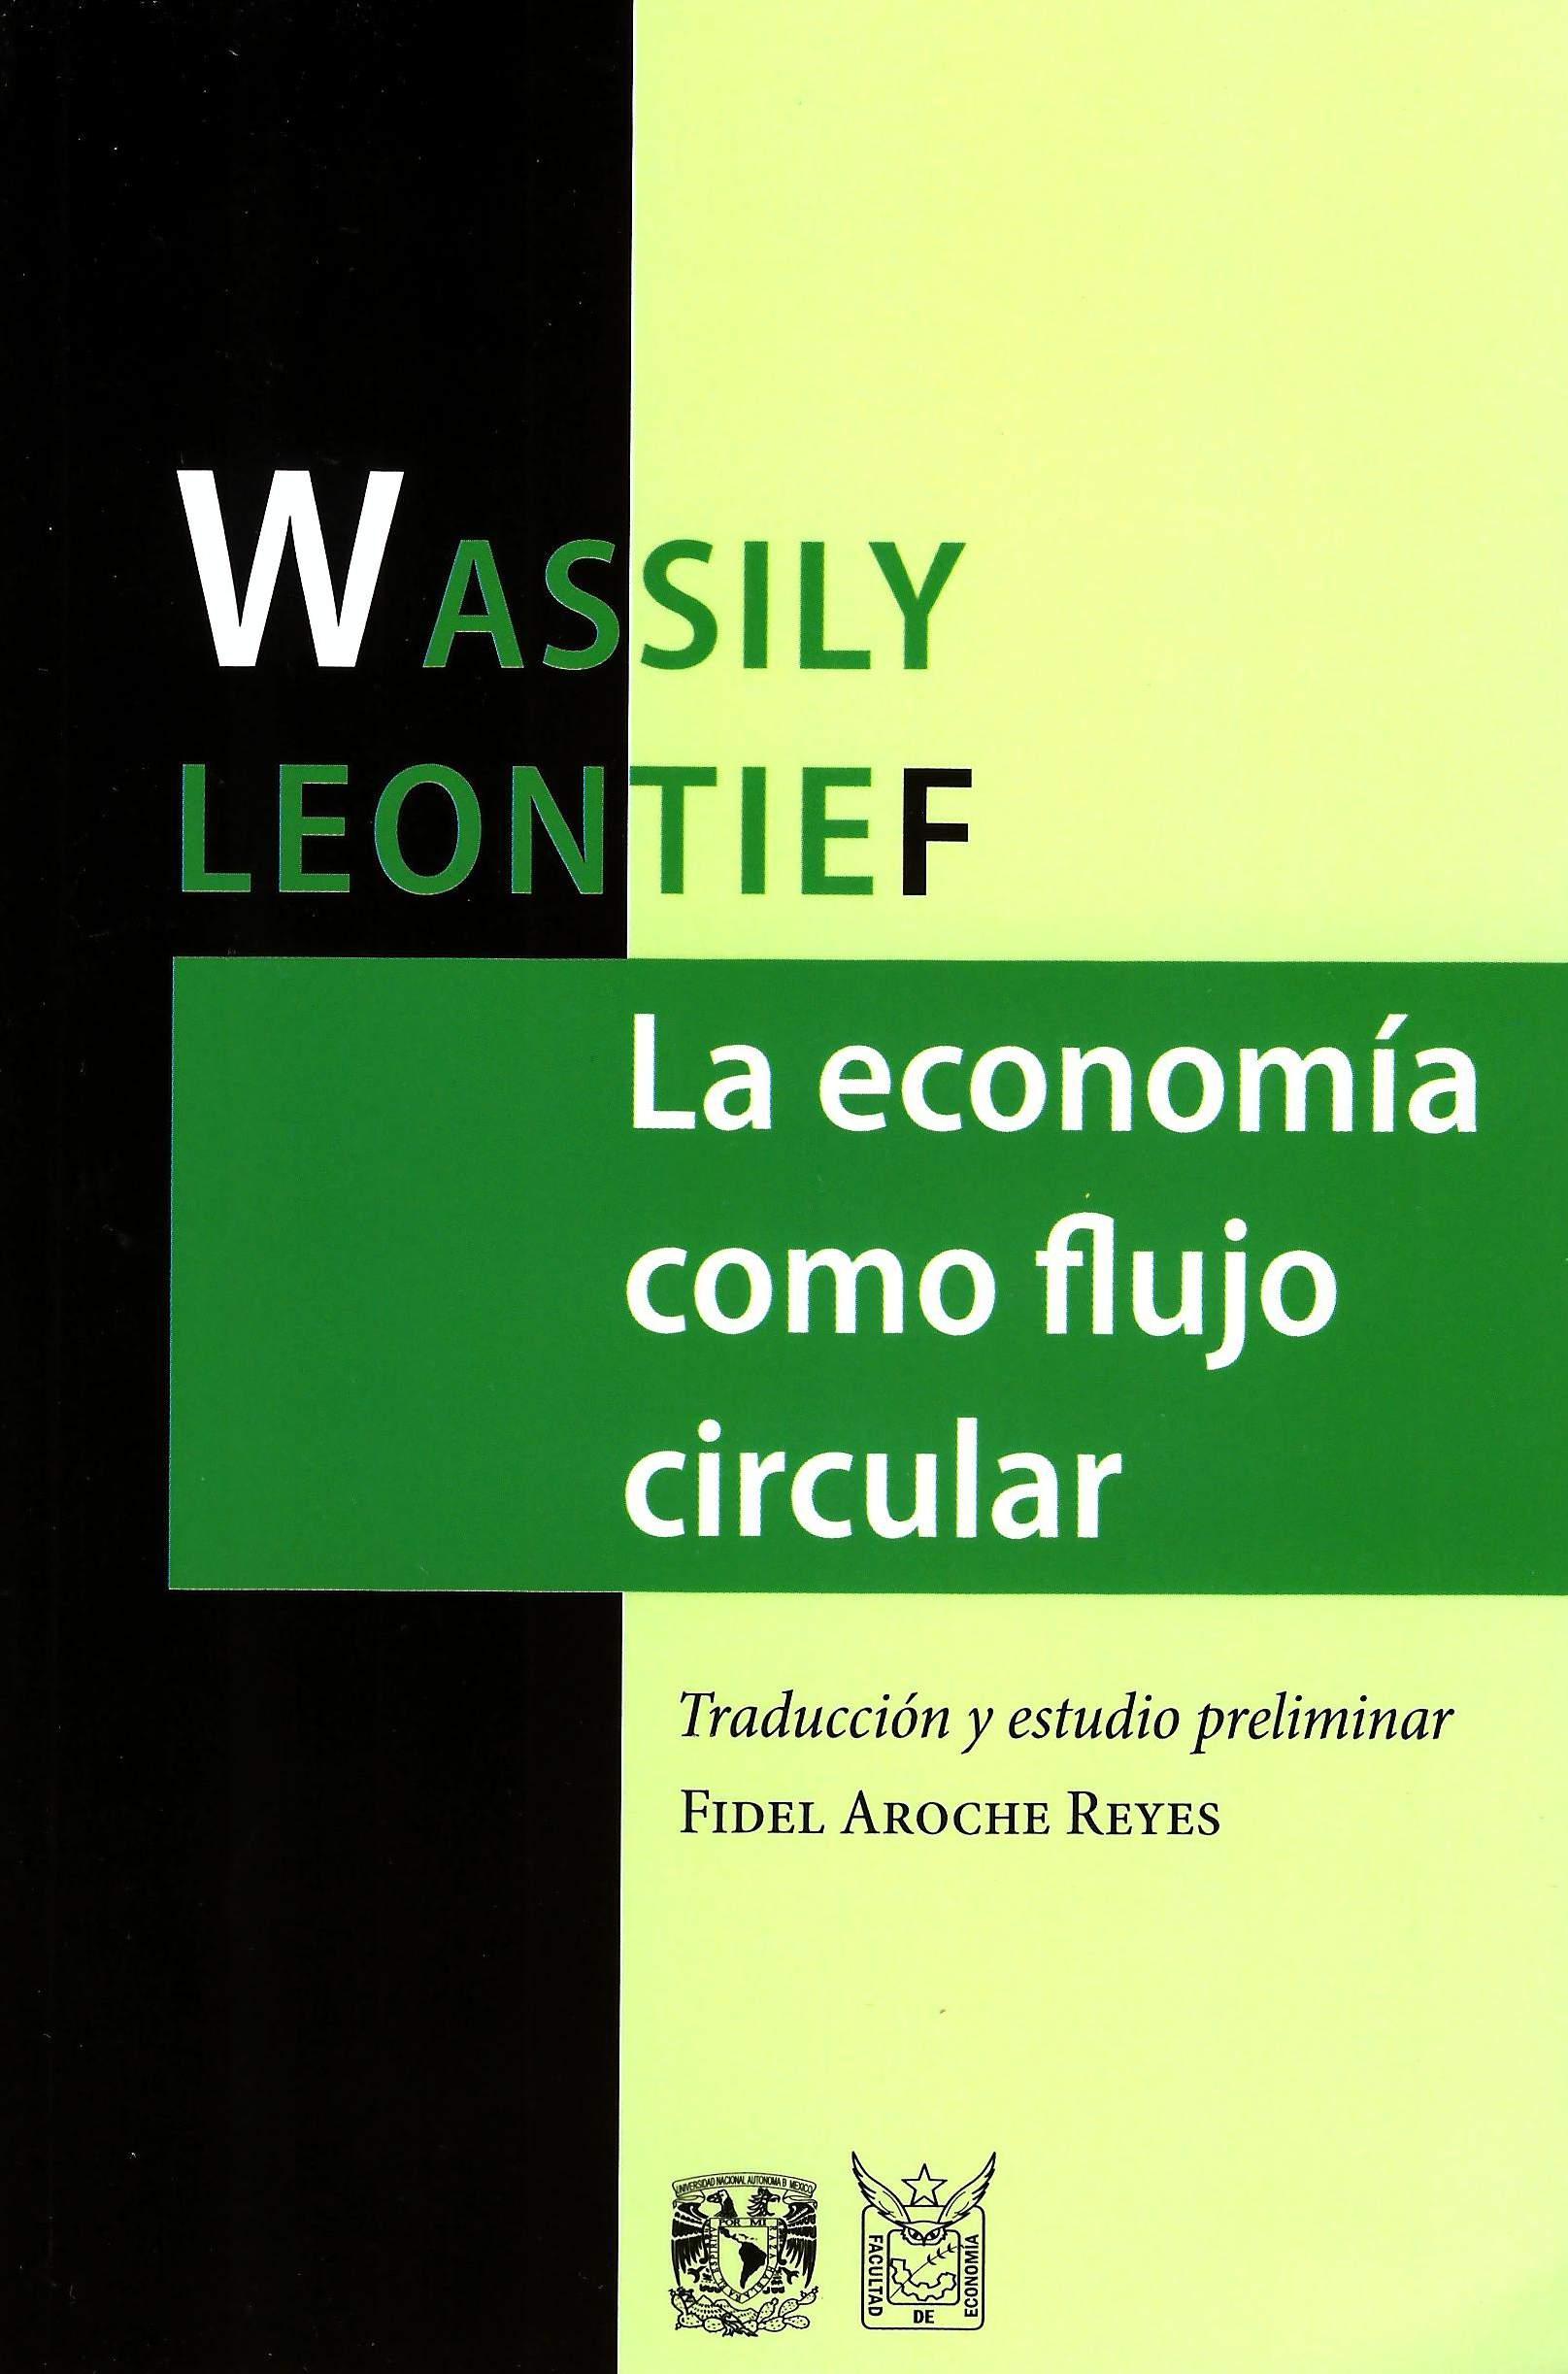 La economía como flujo circular